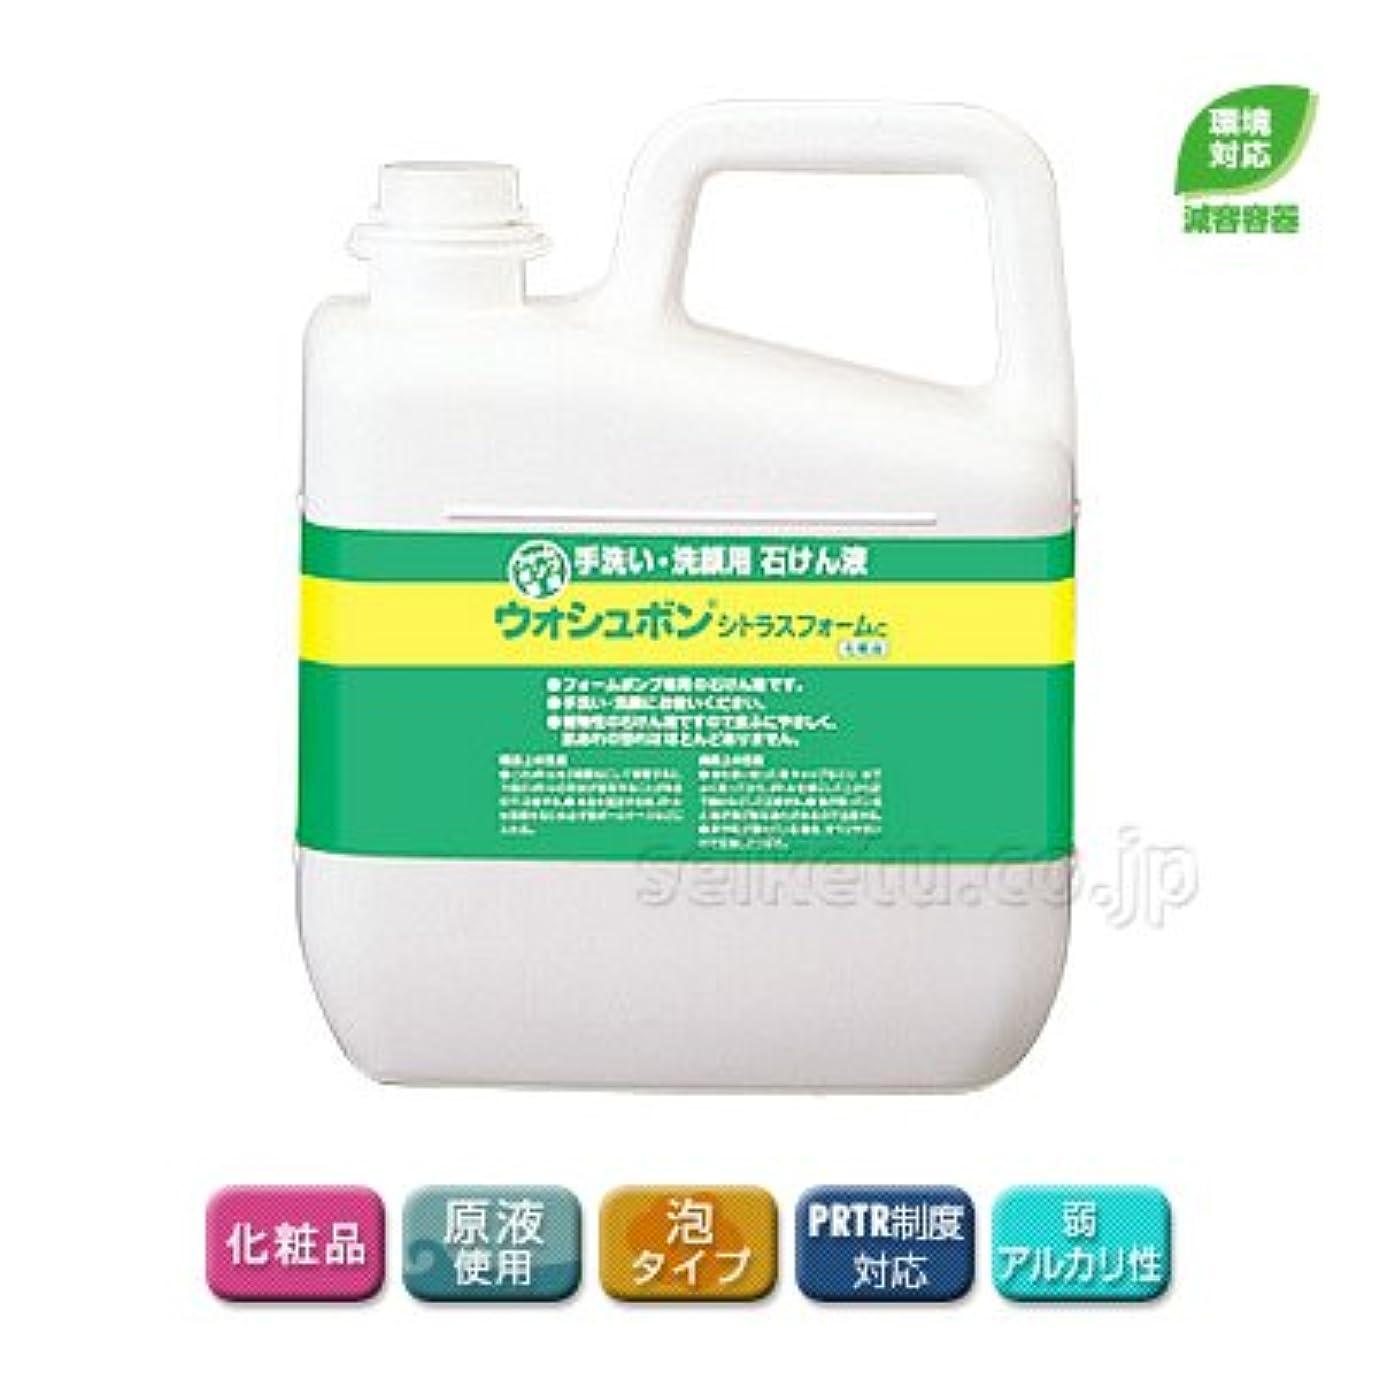 【清潔キレイ館】サラヤ ウォシュボンシトラスフォームC(5kg)